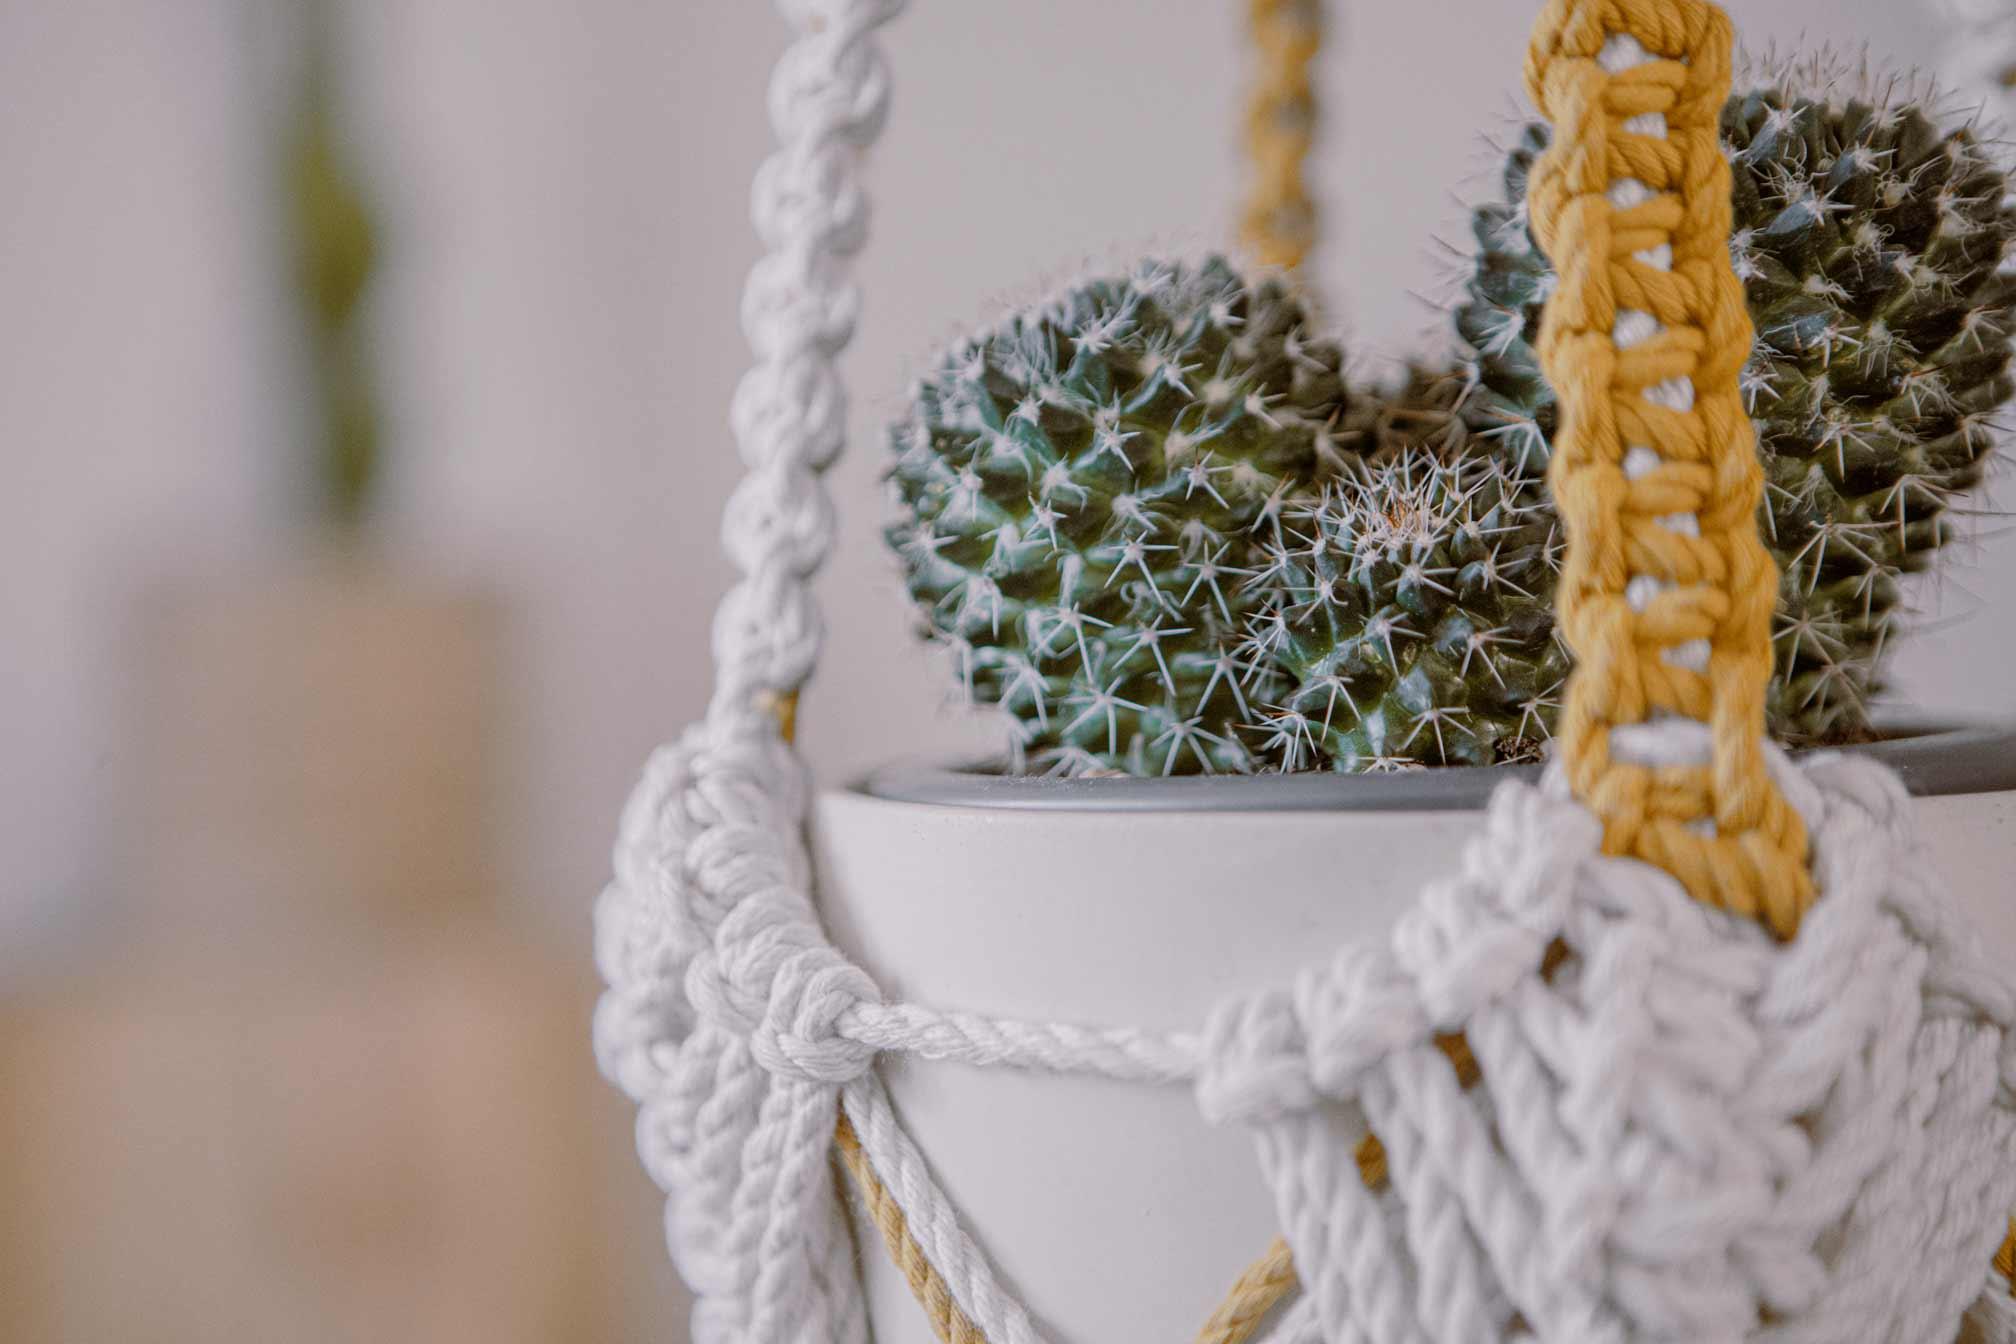 Detalle de los nudos de un macetero artesanal de macramé hecho de algodón ecológico en color crudo y mostaza